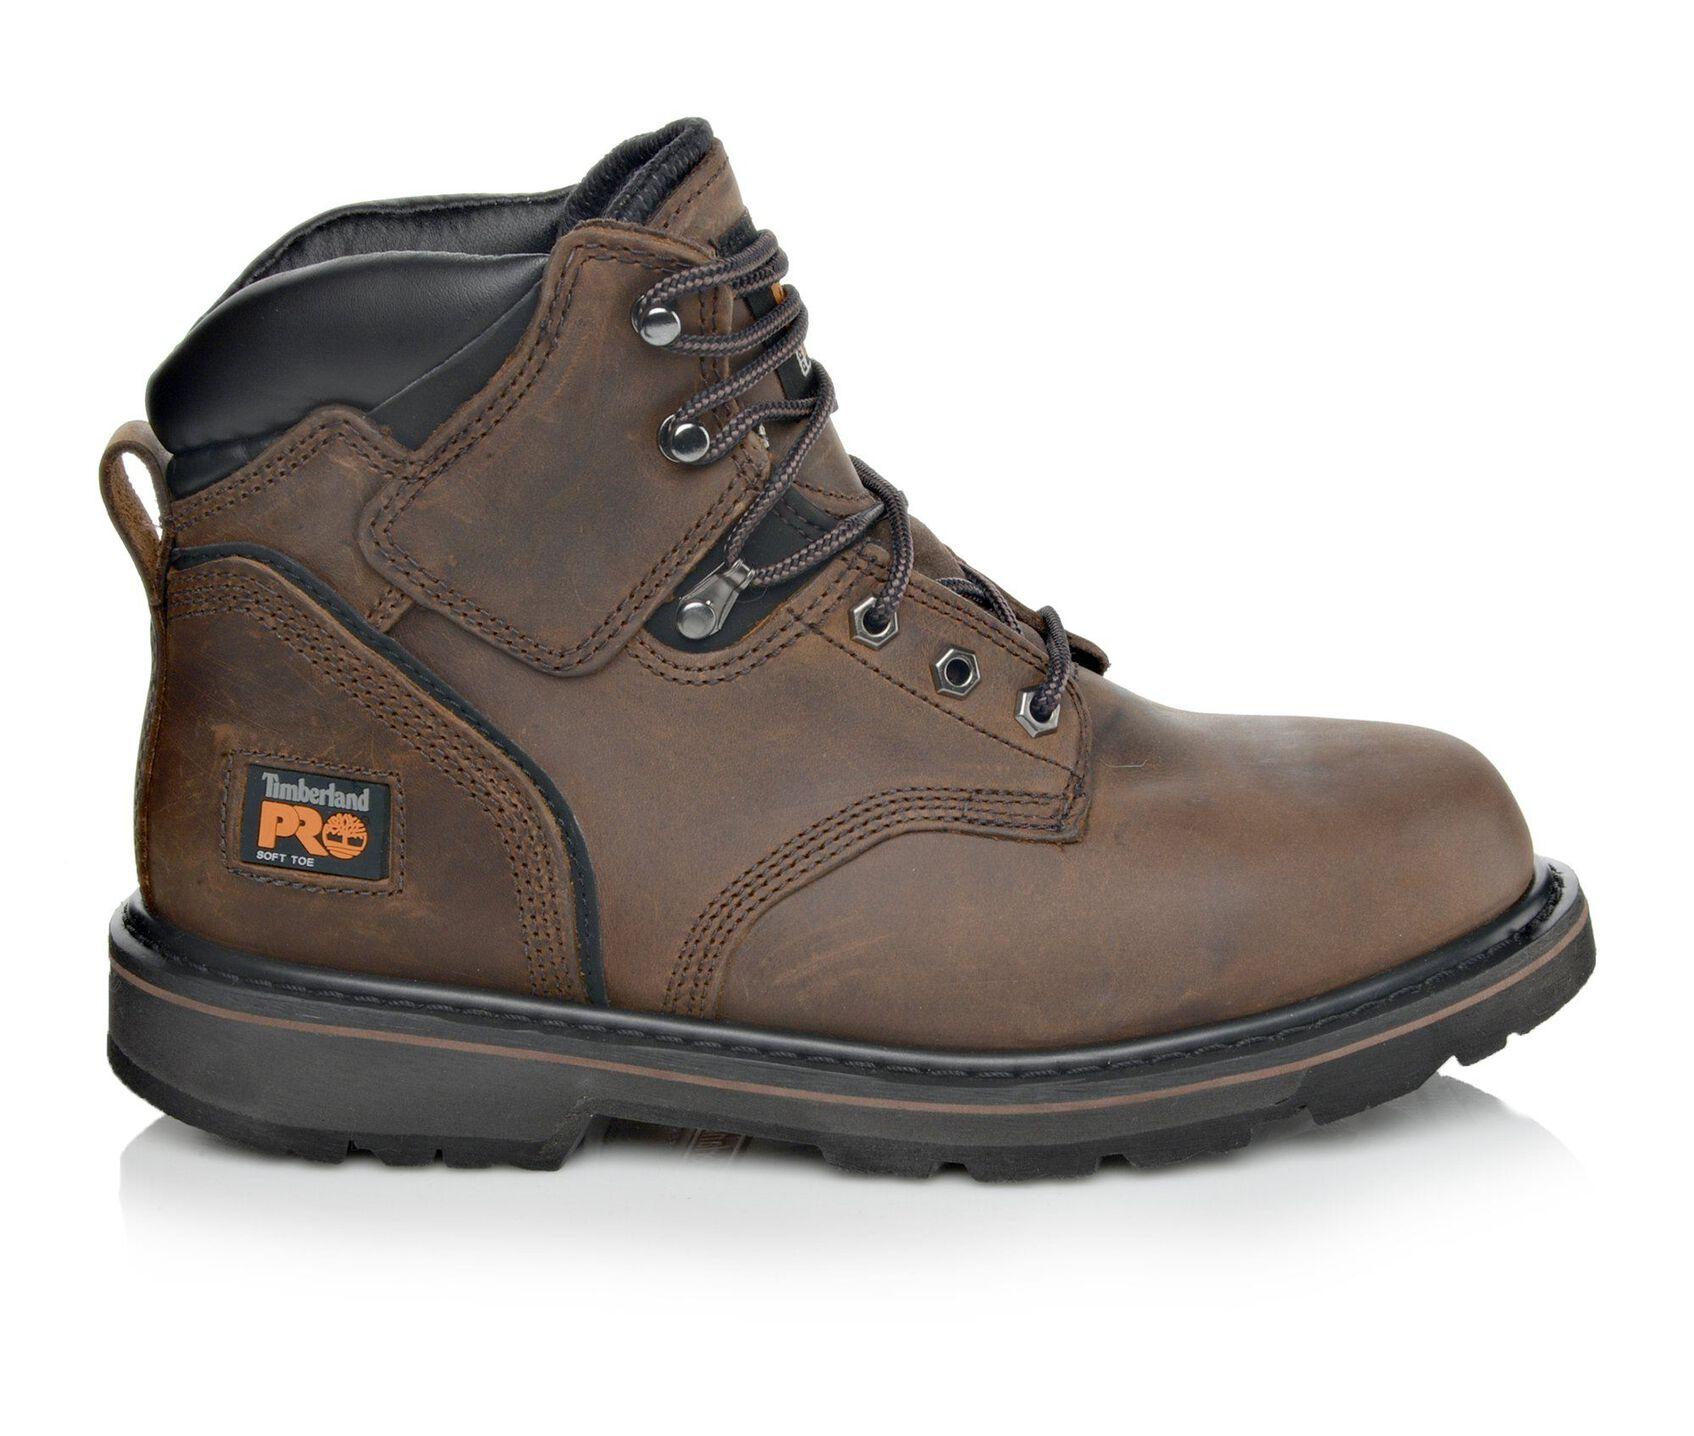 d38e8d67e66 Men's Timberland Pro Pit Boss 6 Inch 33046 Soft Toe Work Boots